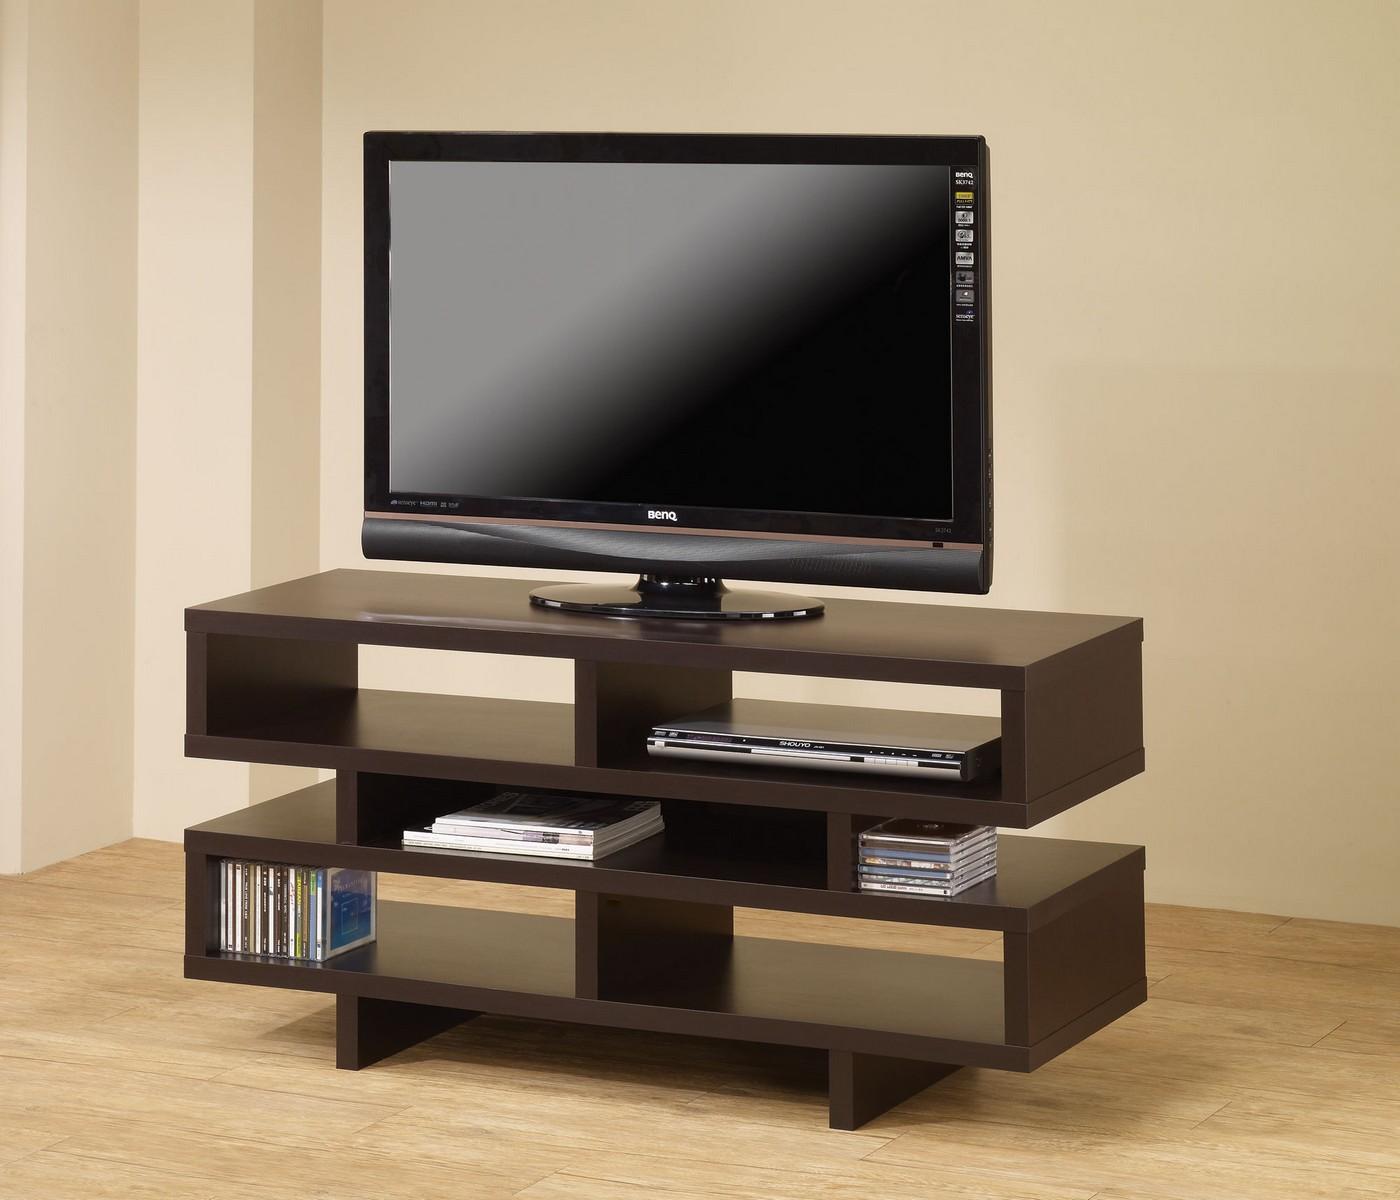 Coaster 700720 TV Console - Cappuccino